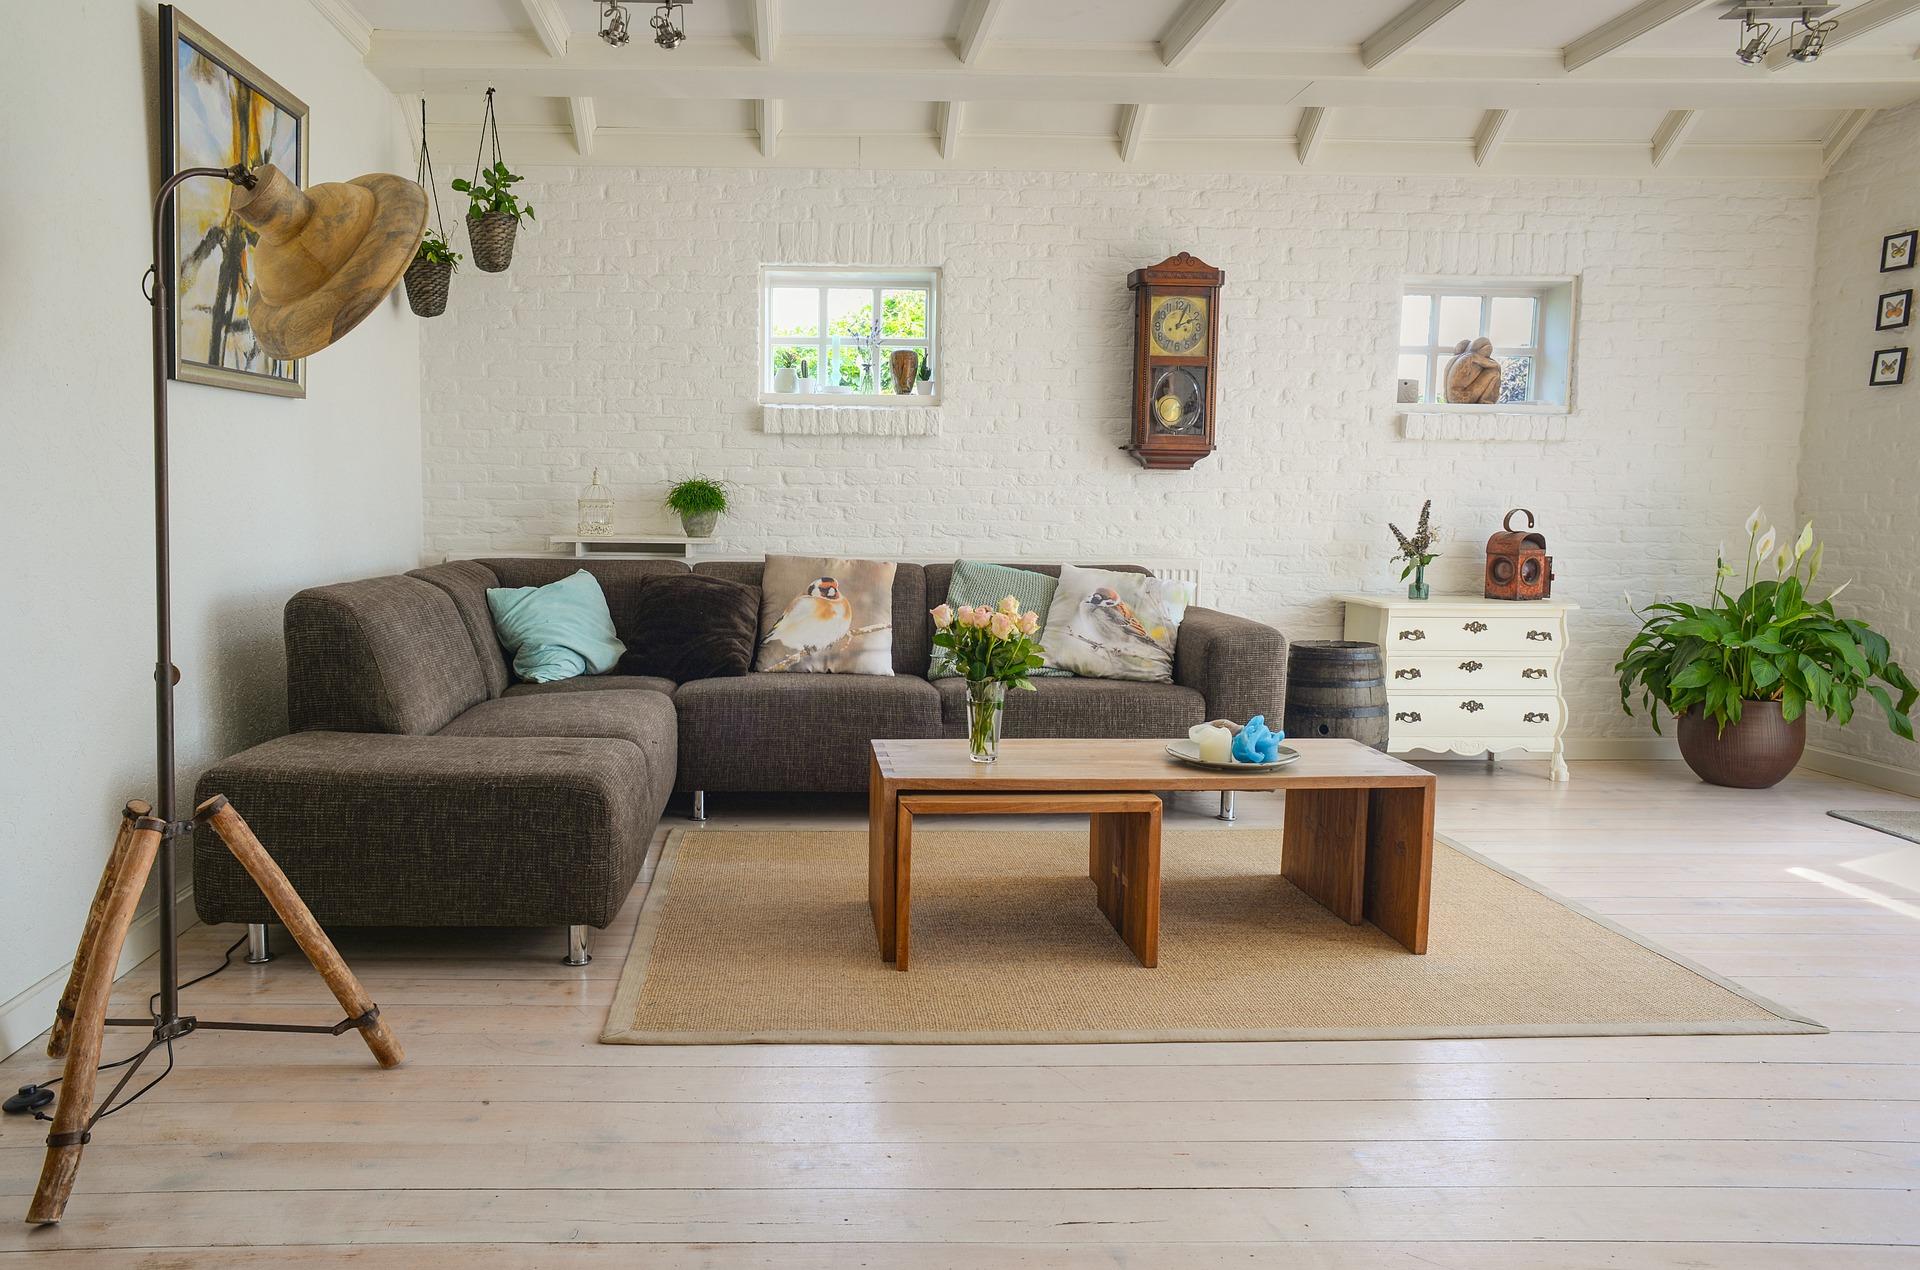 Wohnzimmer planen: So schaffen Sie ein gesundes Wohnklima